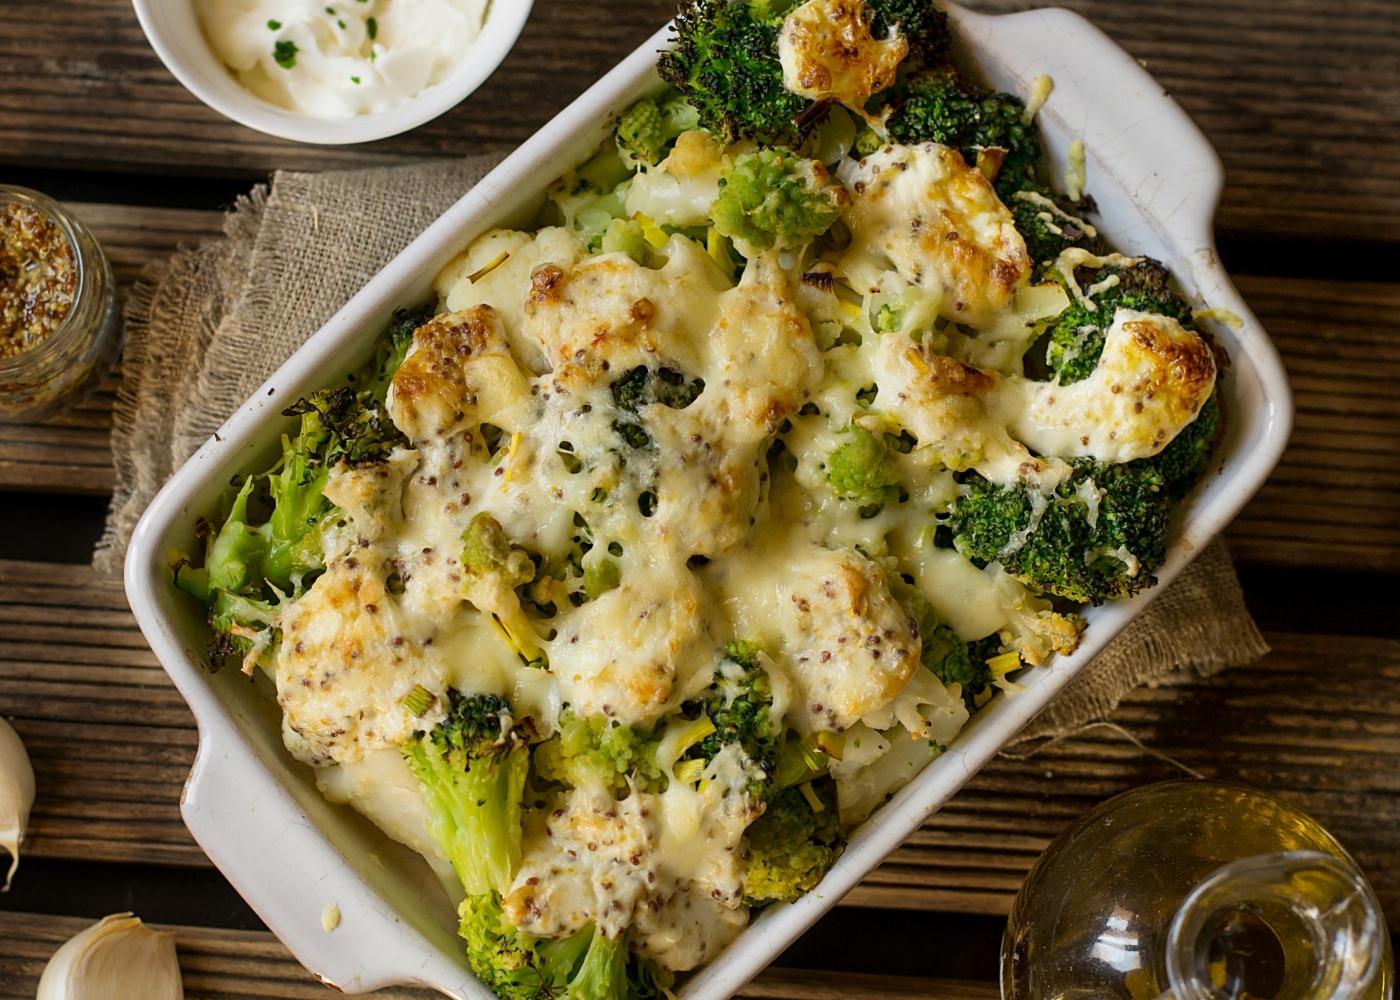 Gratinado de legumes com frango